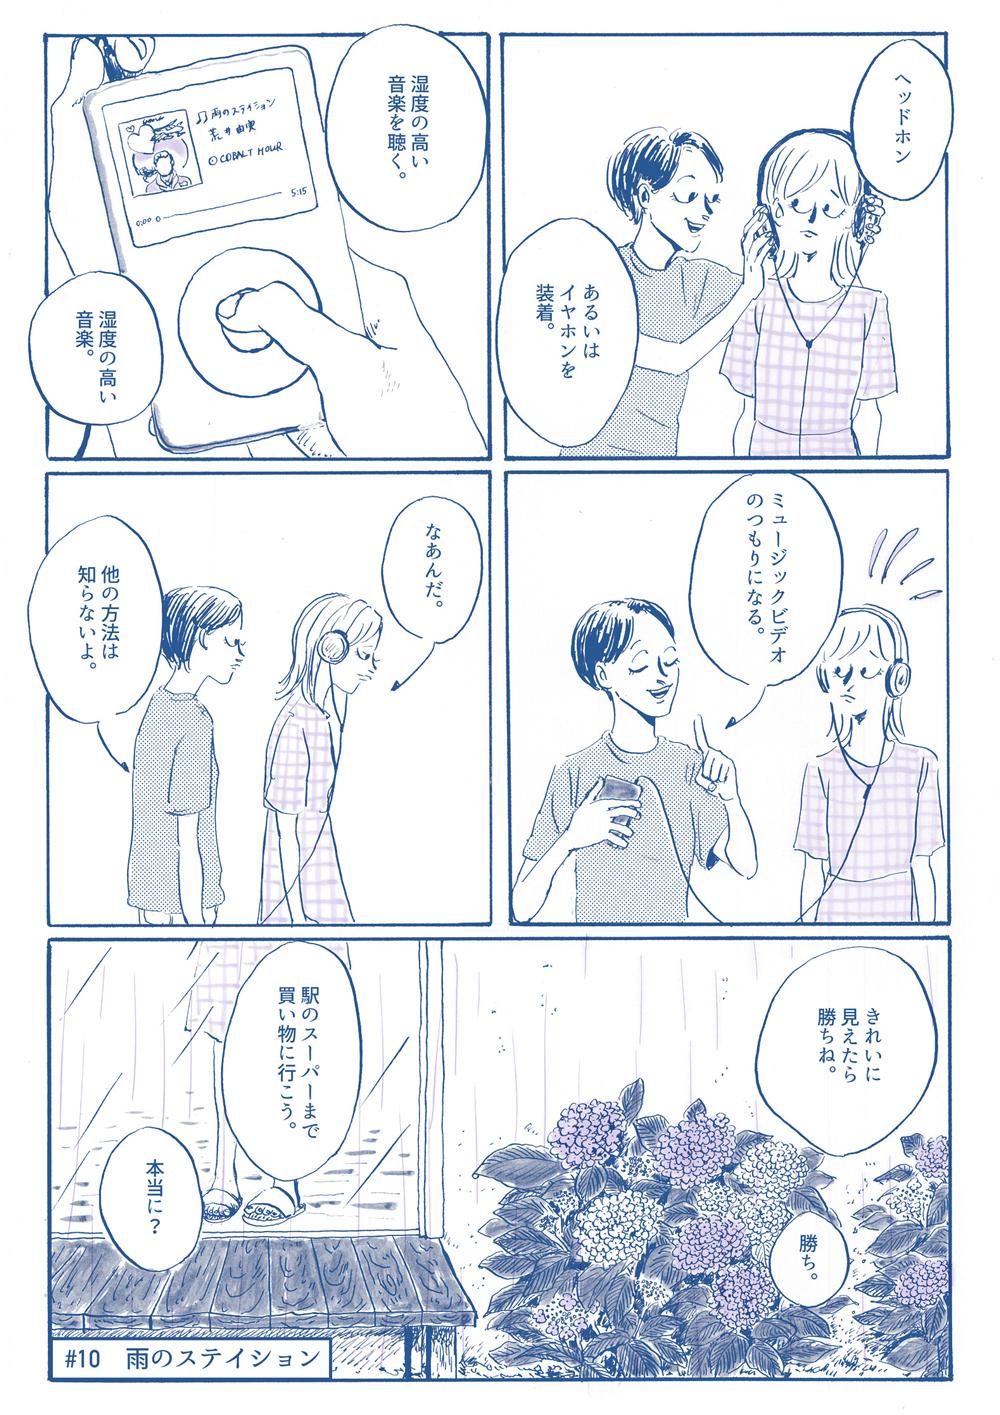 hasuda-yui-010-2